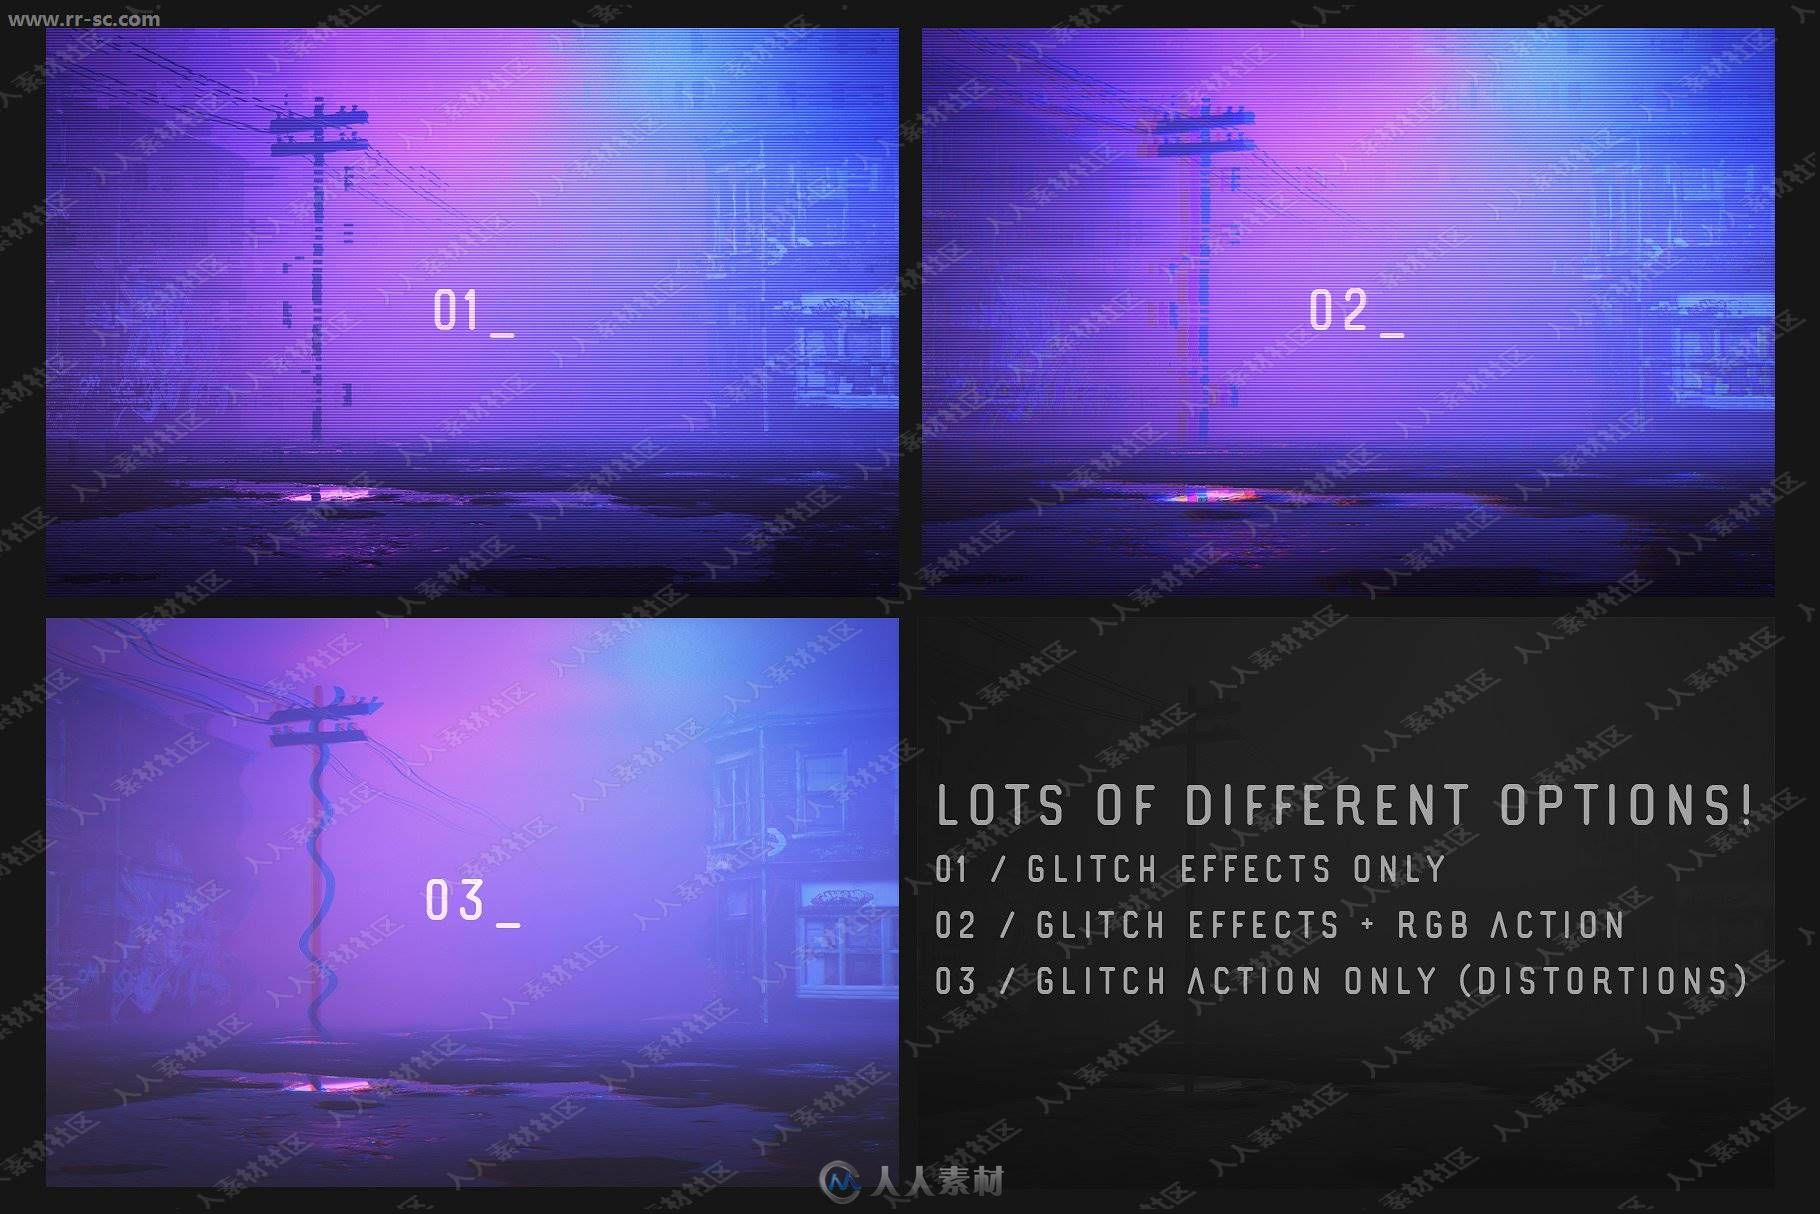 超酷夜景紫色系霓虹灯故障文字效果PSD模版